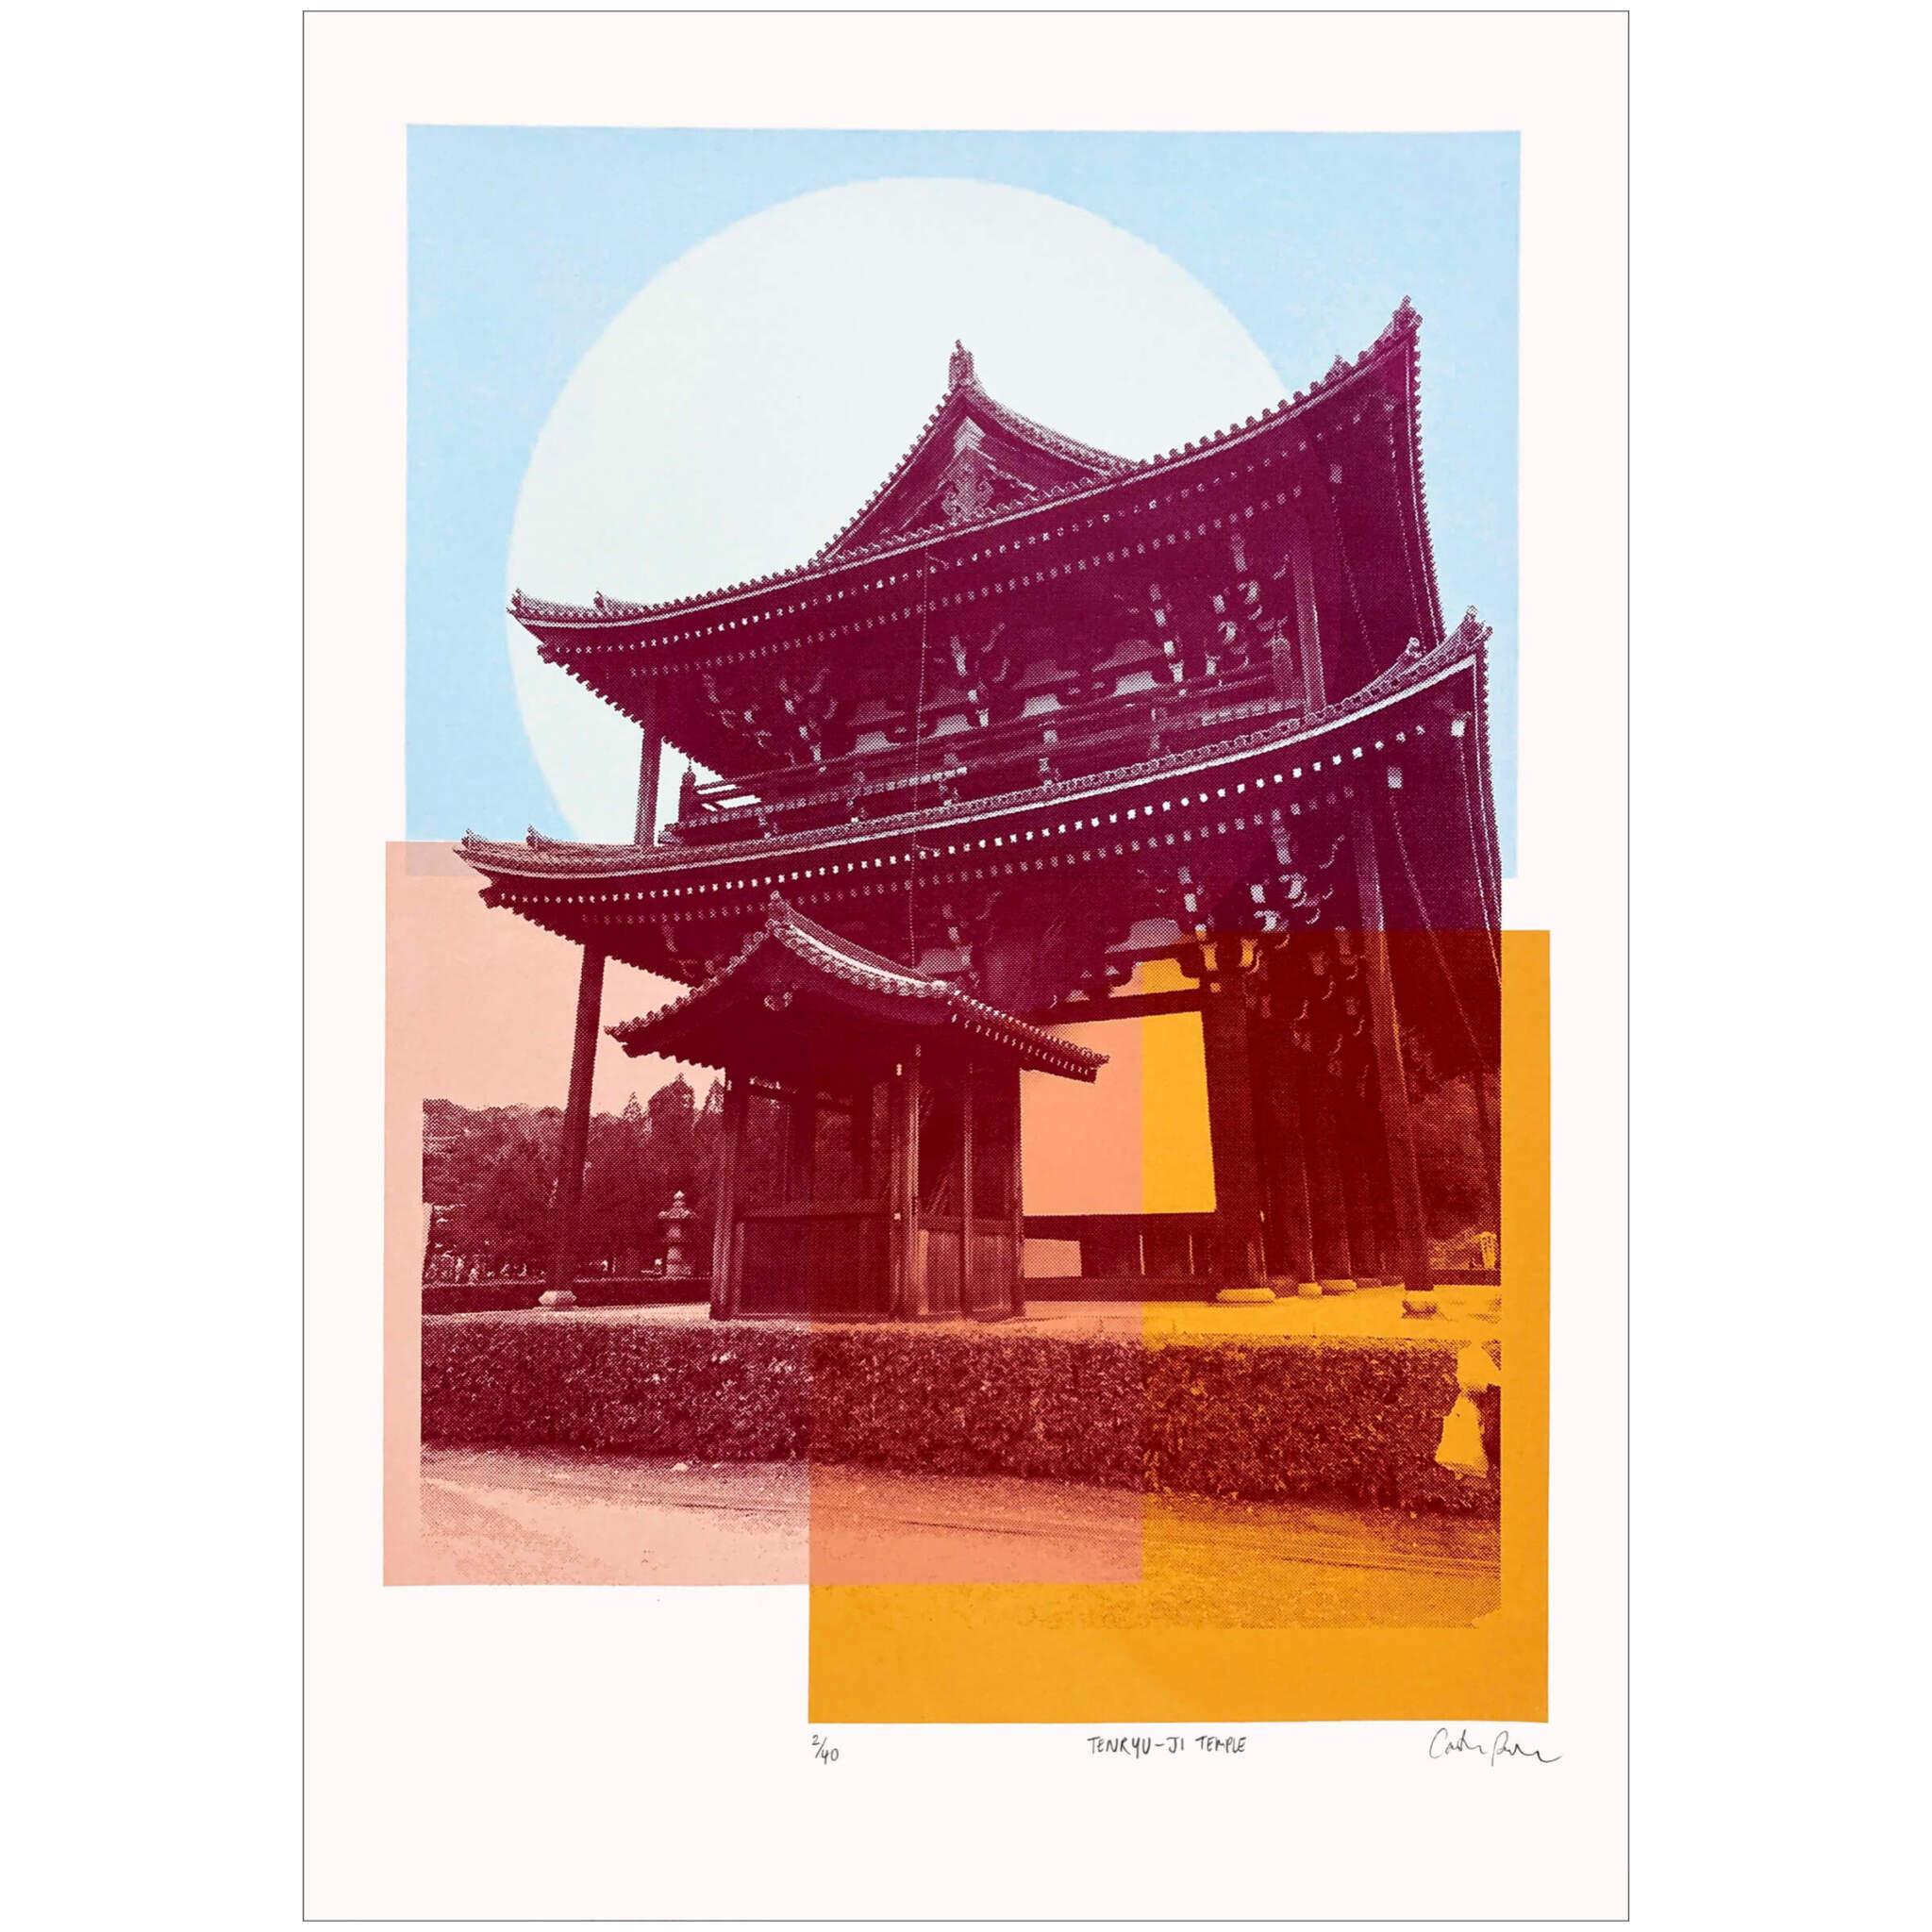 00A1E47A CE6D 4777 856C 3085223C2354 - Tenryu-ji Temple by Caitlin Parks